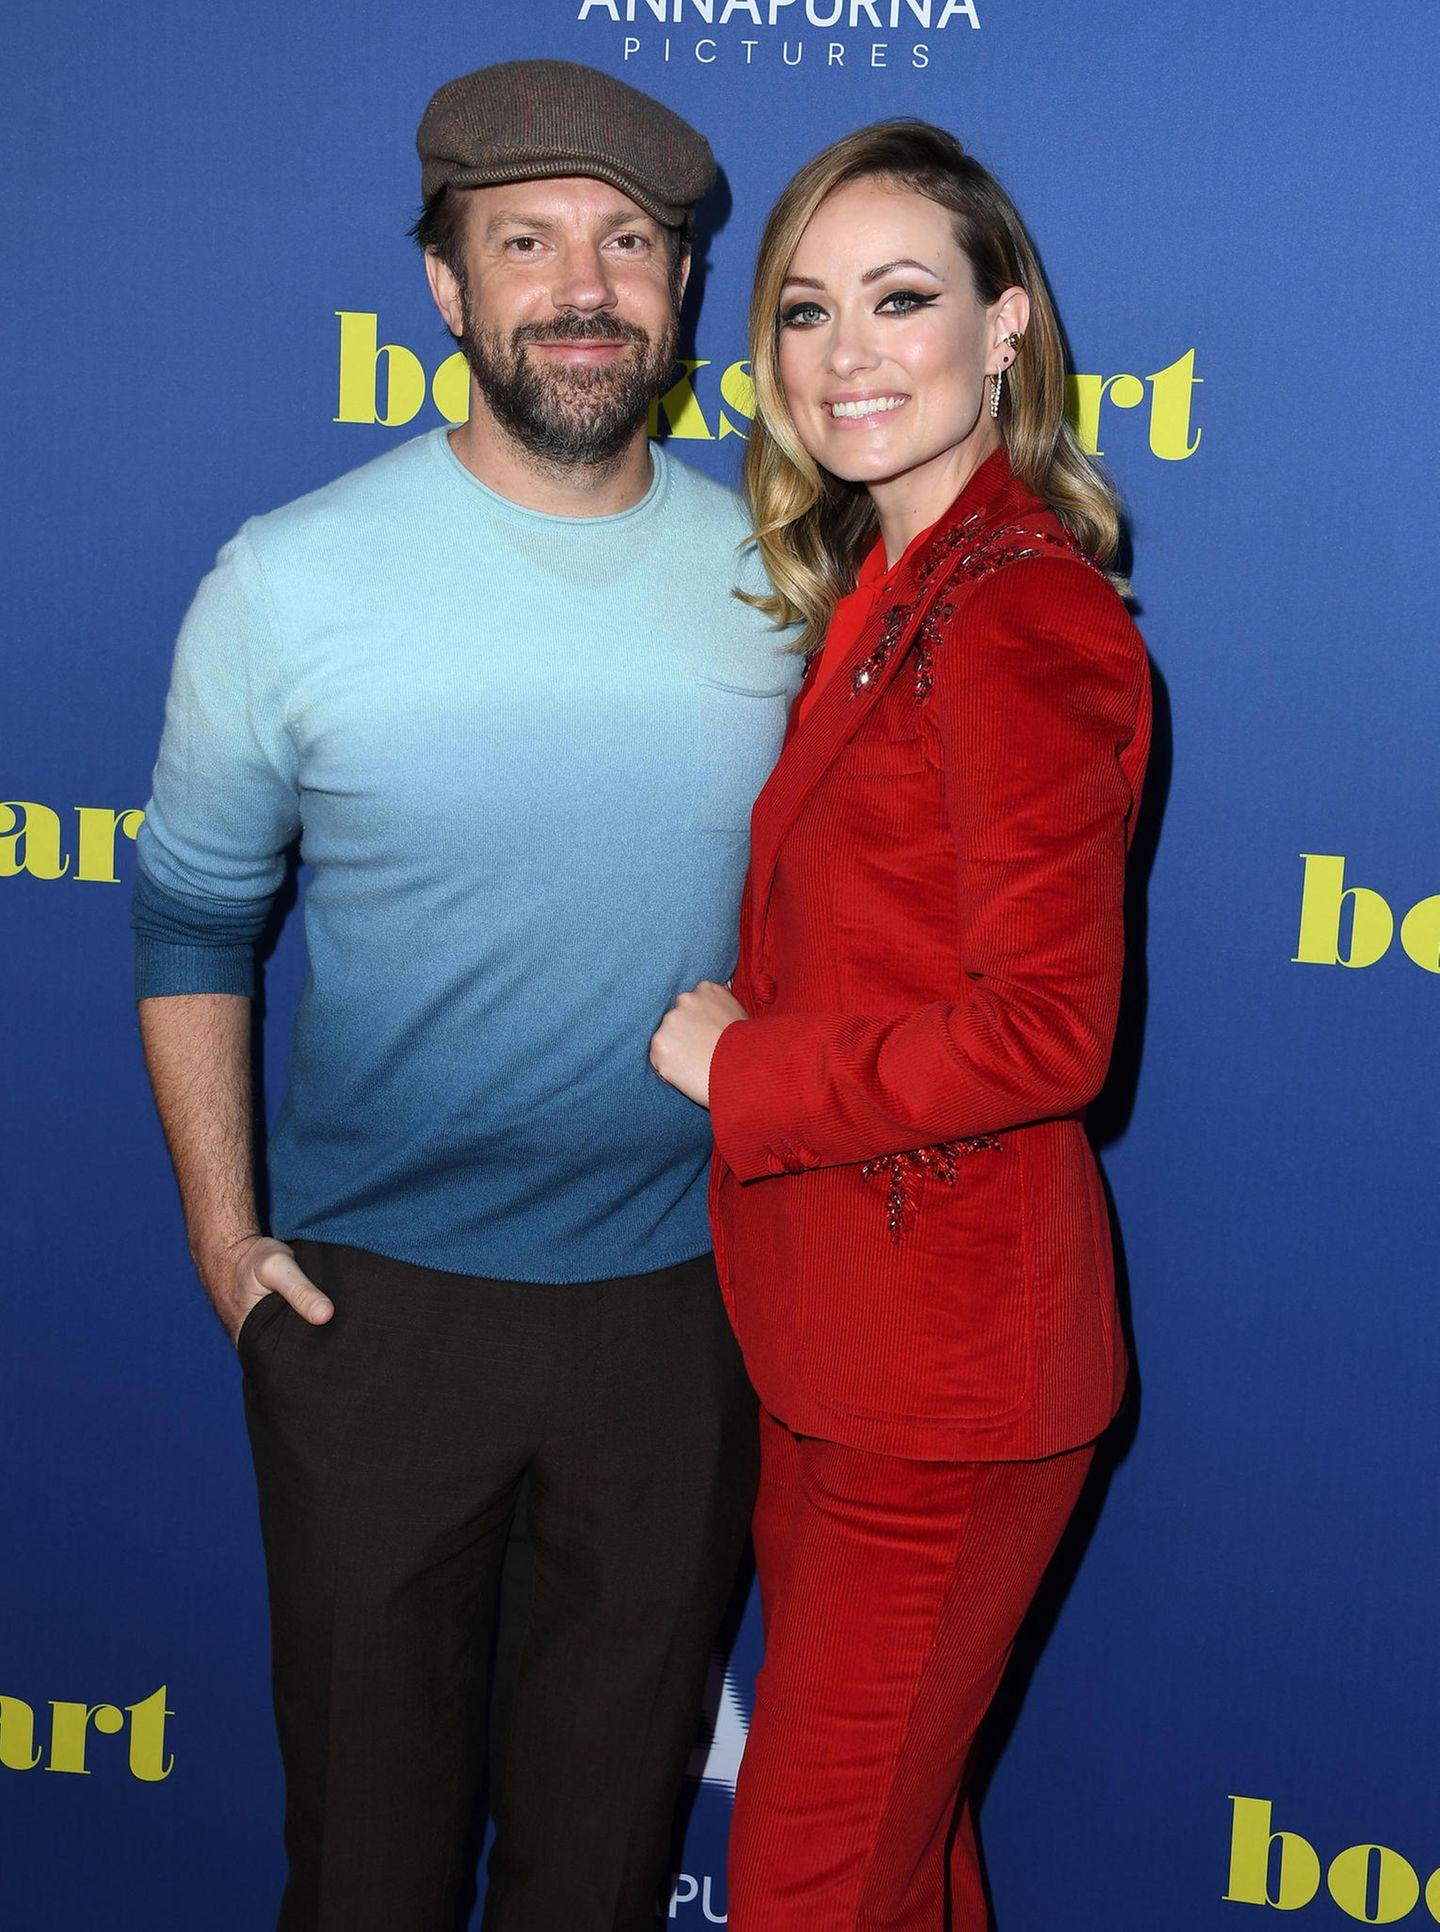 Promi-Trennungen 2020: Jason Sudeikis und Olivia Wilde